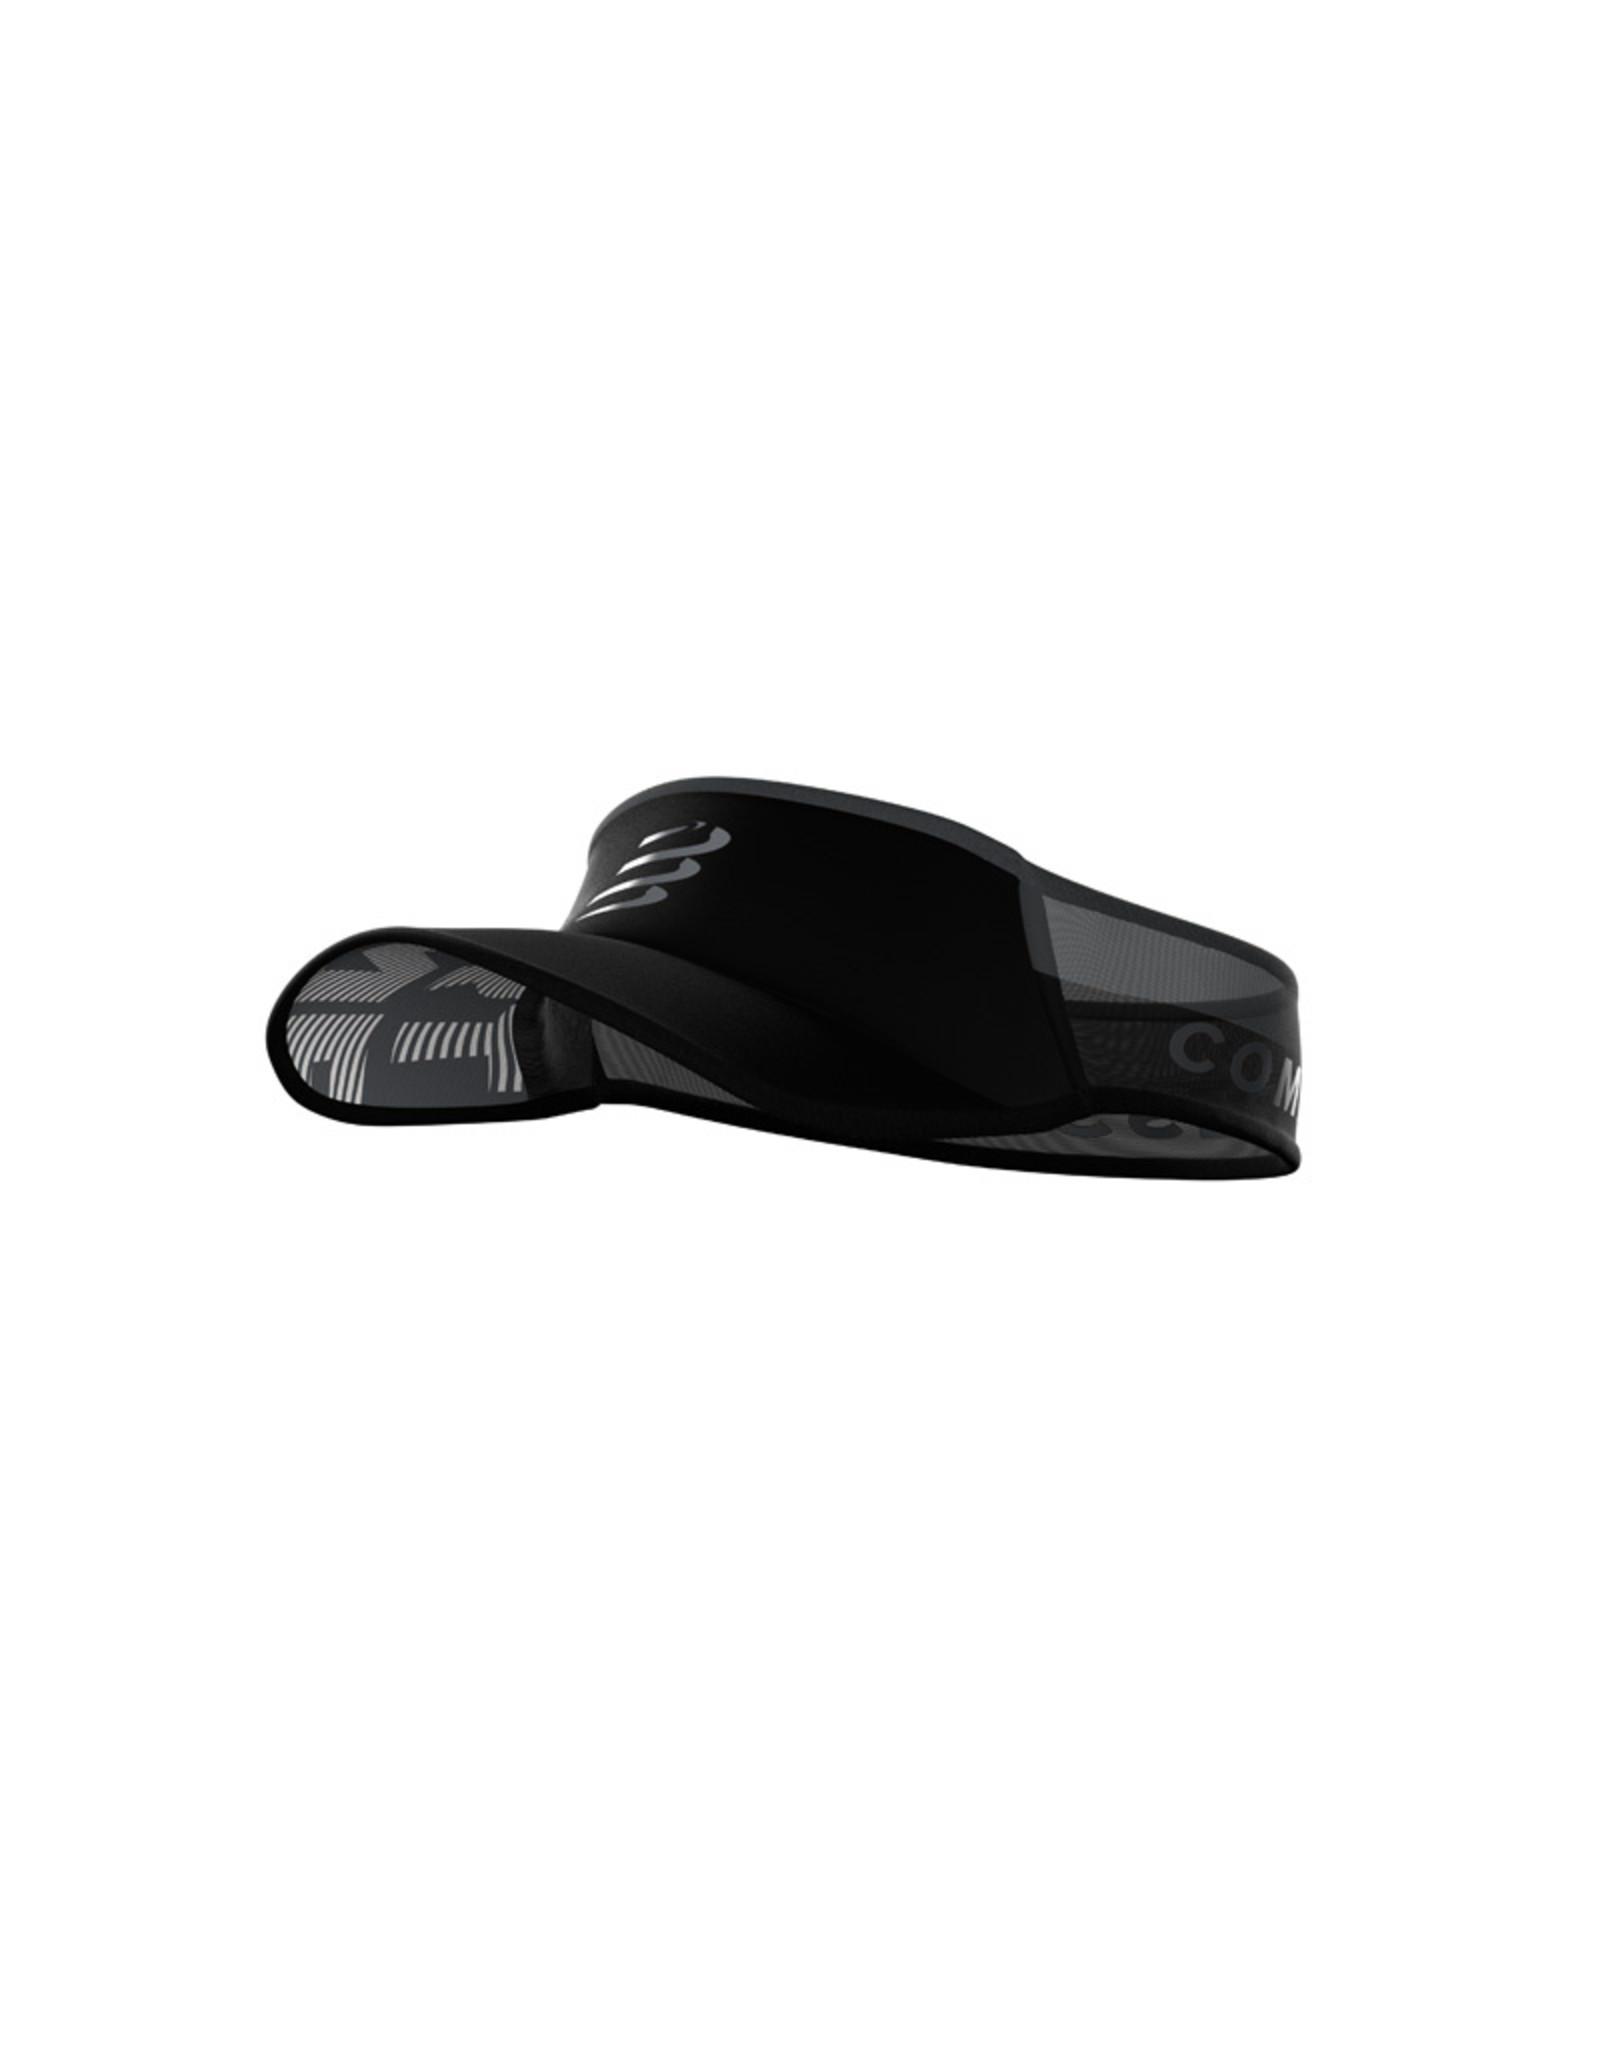 Compressport Visor Ultralight Flash - Noir